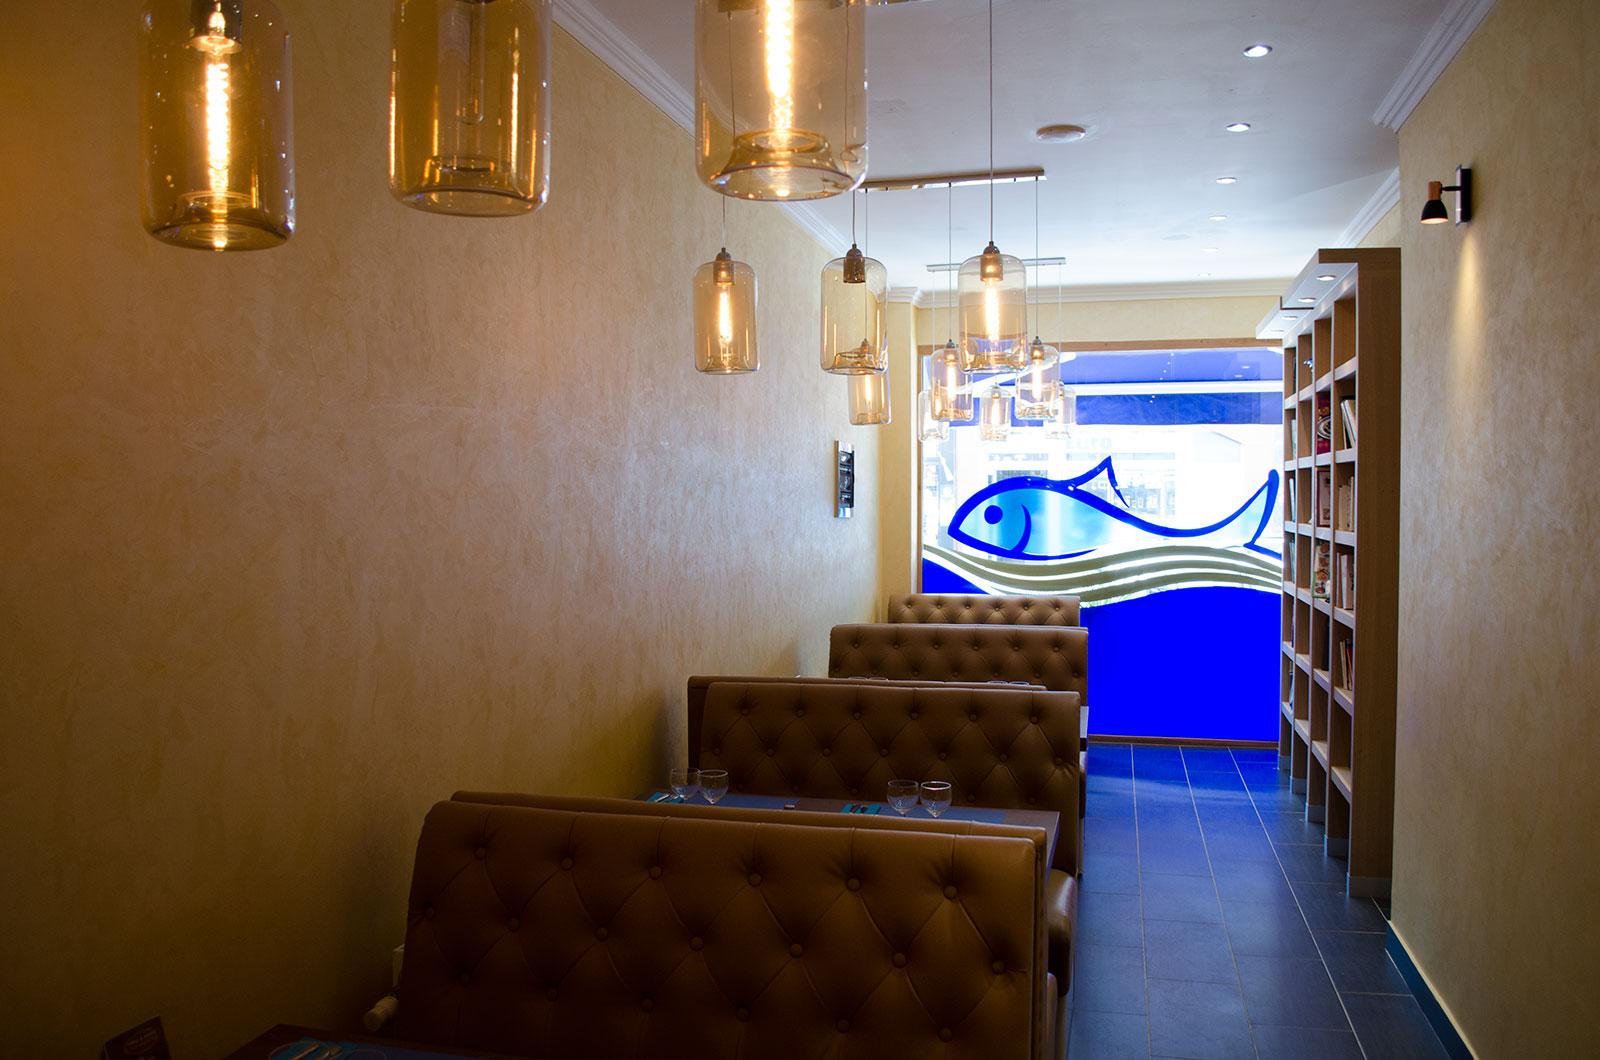 traiteur-img-6 - Livraison de poissons • Poissonnerie • Restaurant • Traiteur à Anderlecht